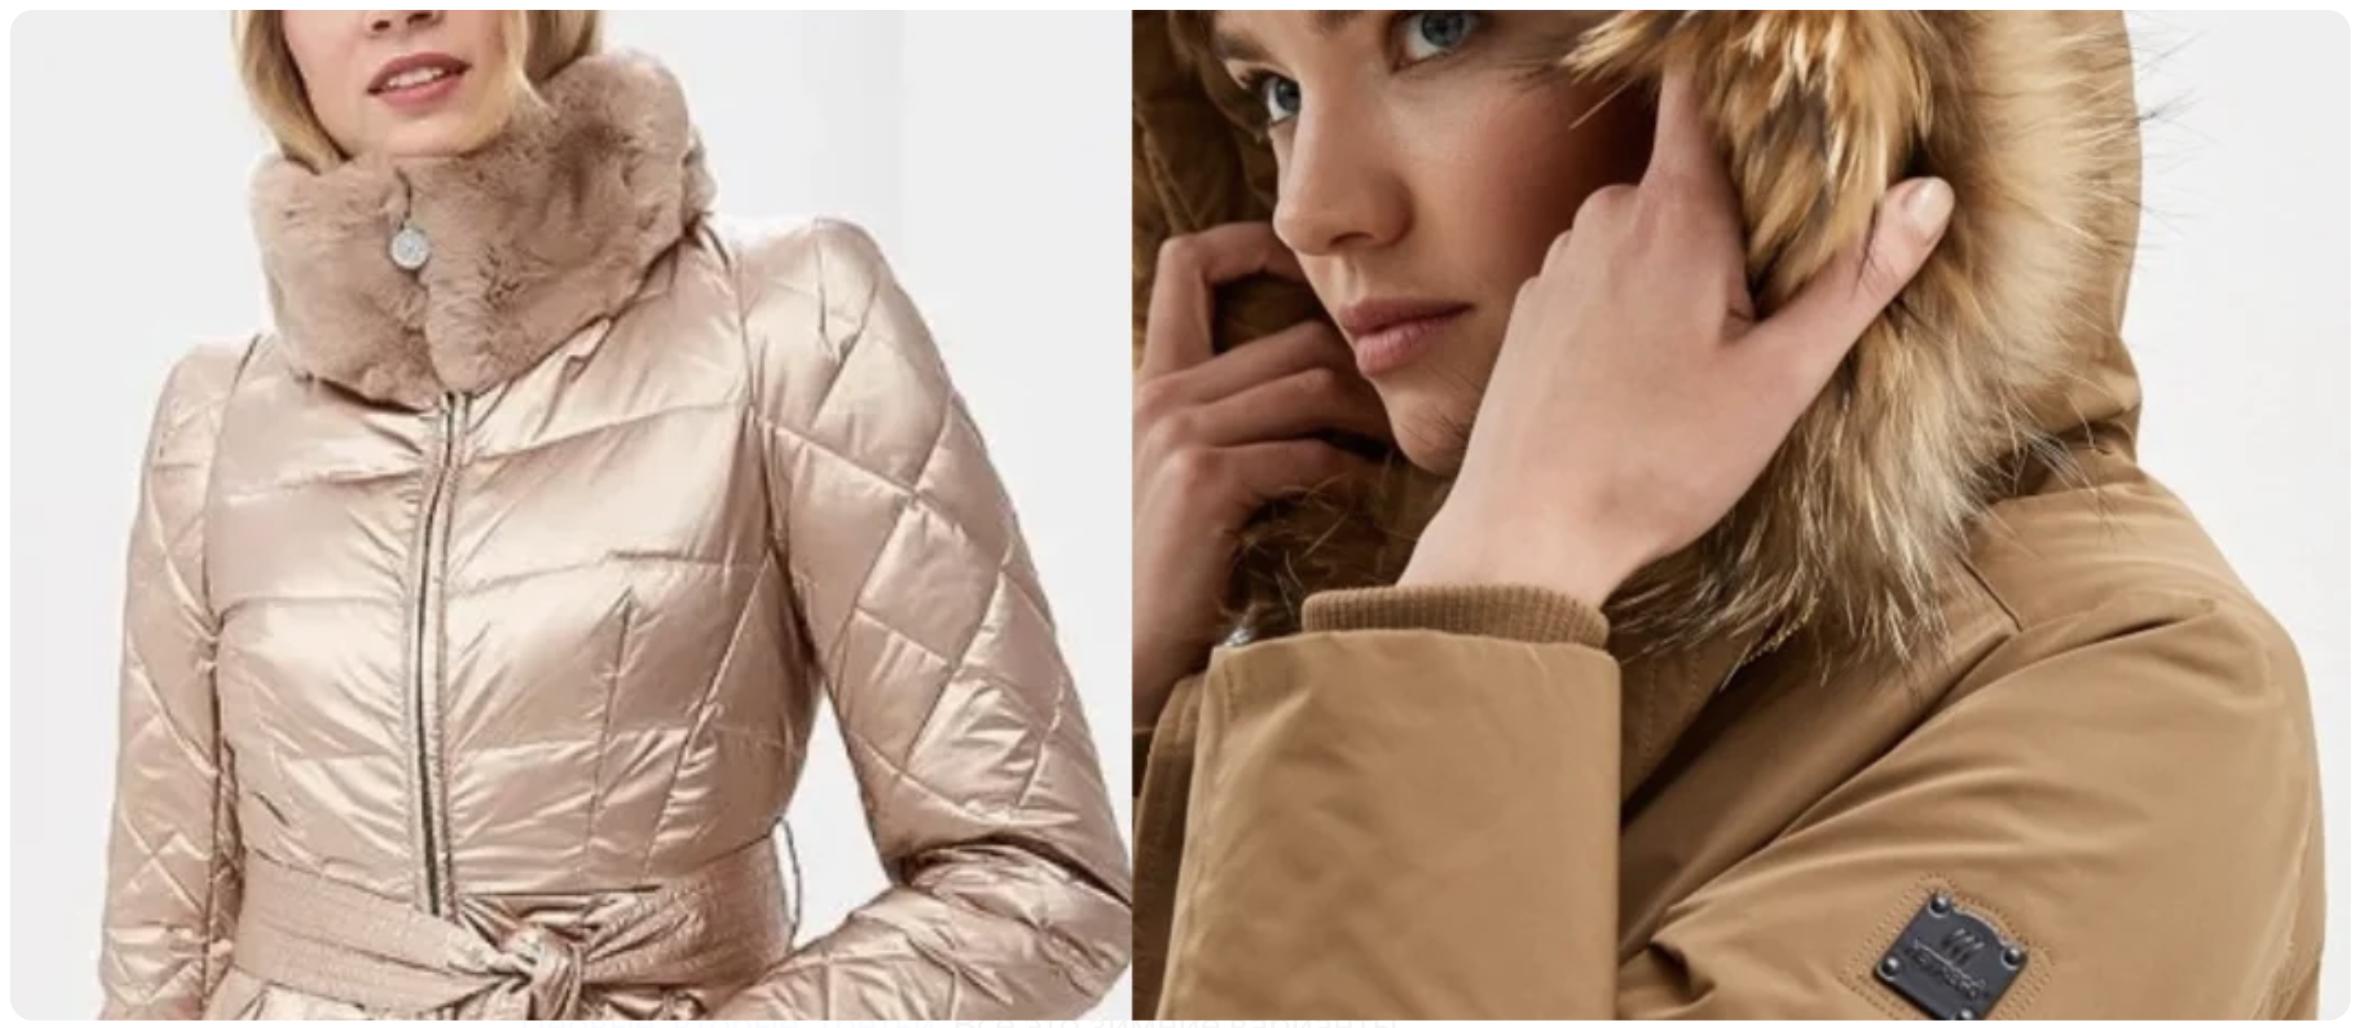 Вопрос стилисту: Как одеться женственно и тепло?